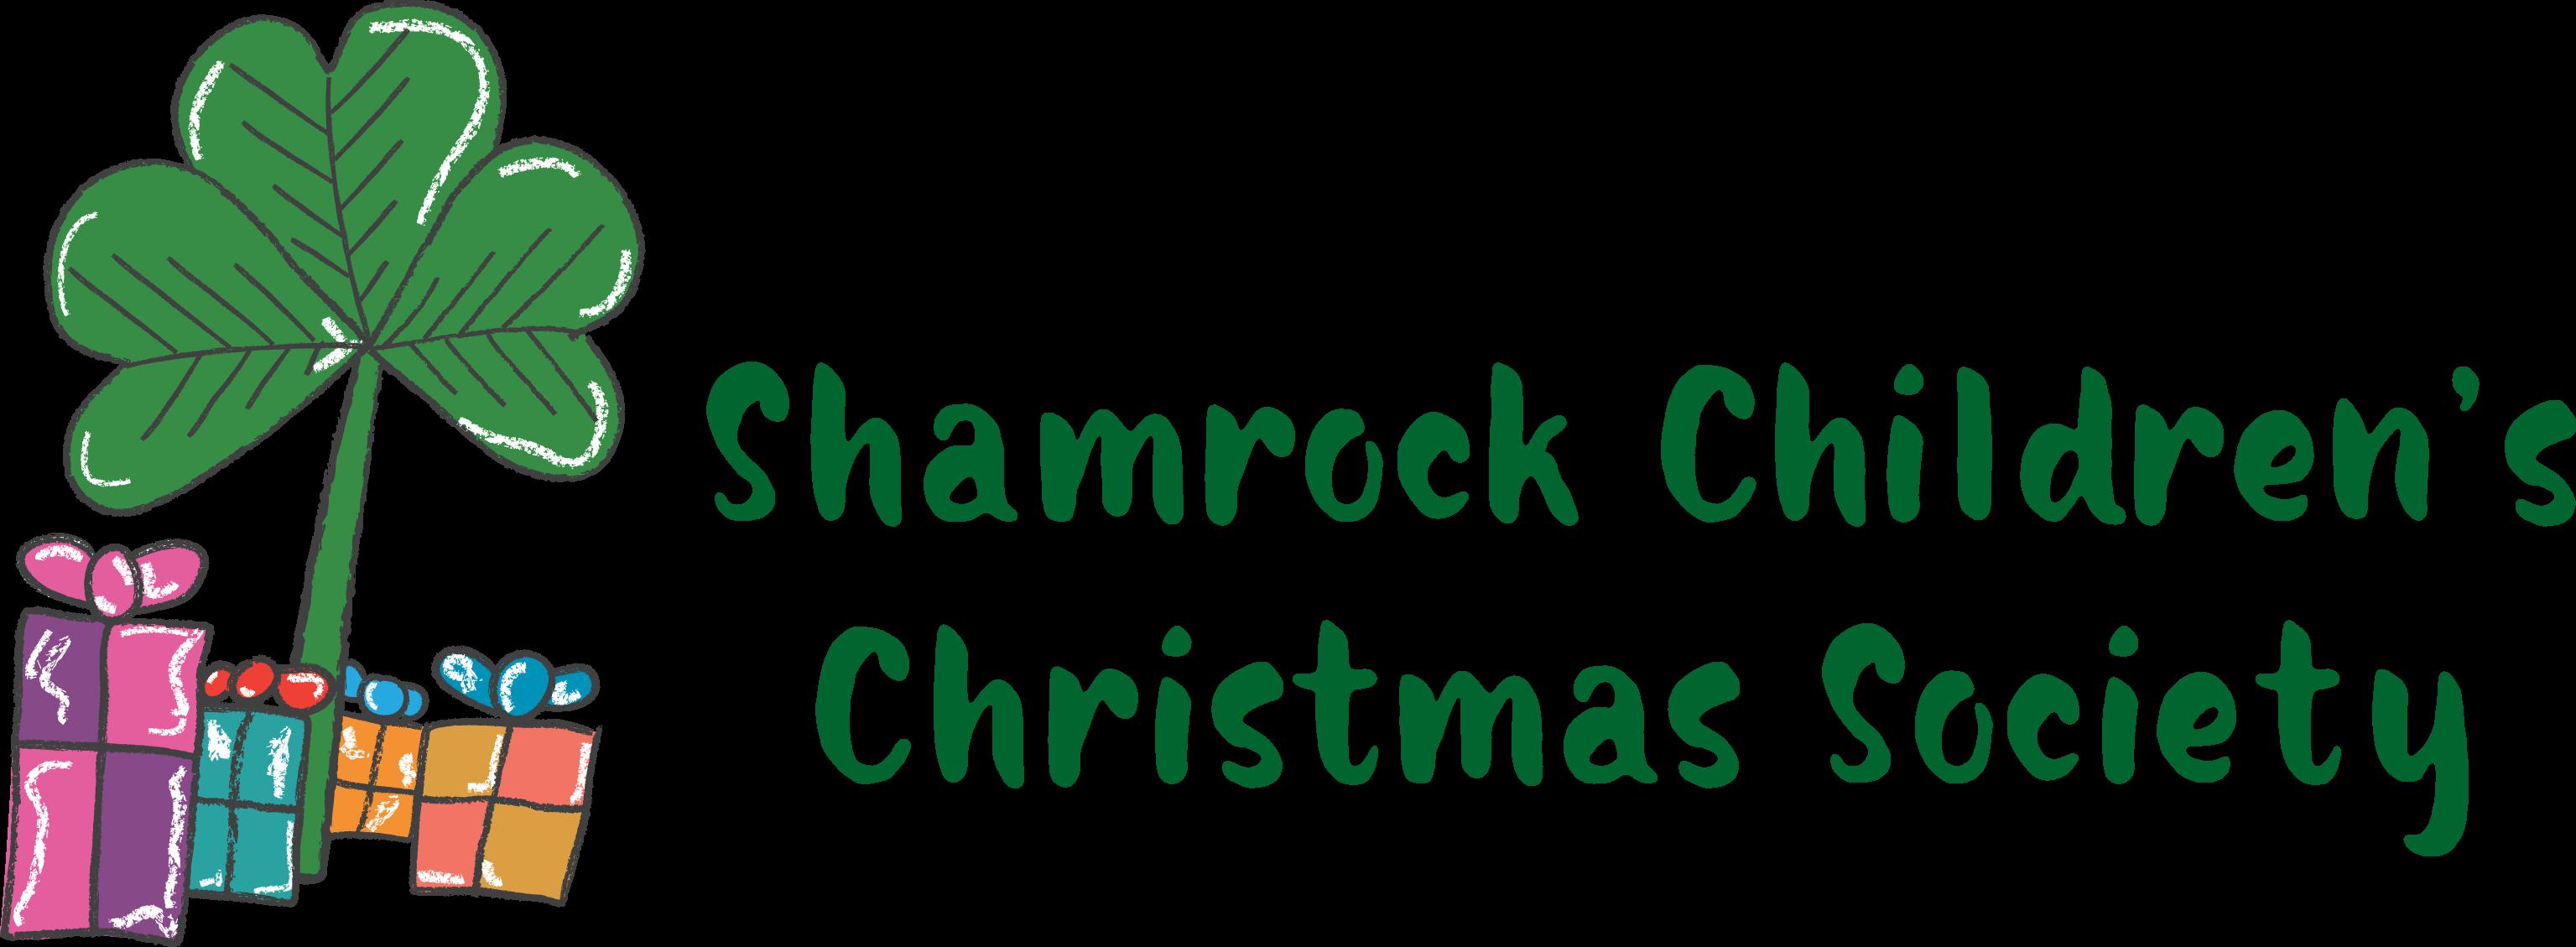 The Shamrock Children's Christmas Society